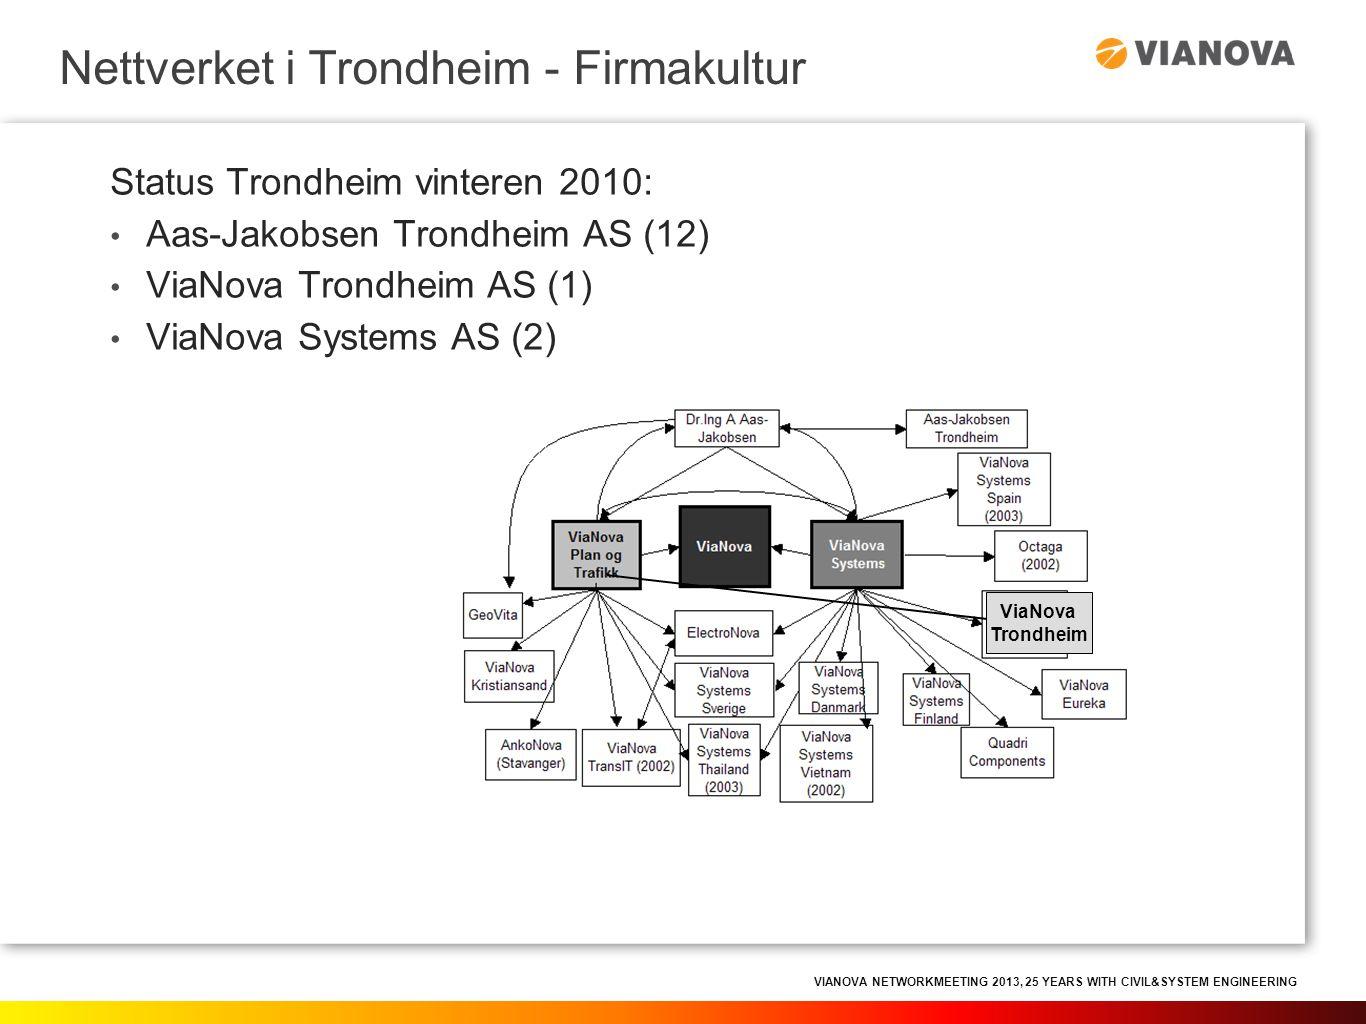 VIANOVA NETWORKMEETING 2013, 25 YEARS WITH CIVIL&SYSTEM ENGINEERING Status Trondheim sommeren 2013: Samlokaliserte selskaper: • Aas-Jakobsen Trondheim AS (20) • Selberg Arkitekter AS (16) • ViaNova Trondheim AS (14) • ViaNova Systems AS (2) Fag innenfor rådgivervirksomhet: • Bygge/konstruksjonsteknikk • Arkitektur • Landskapsarkitektur • Plan • Veg • VA • Støy, trafikk, jernbaneteknikk Nettverket i Trondheim - Firmakultur